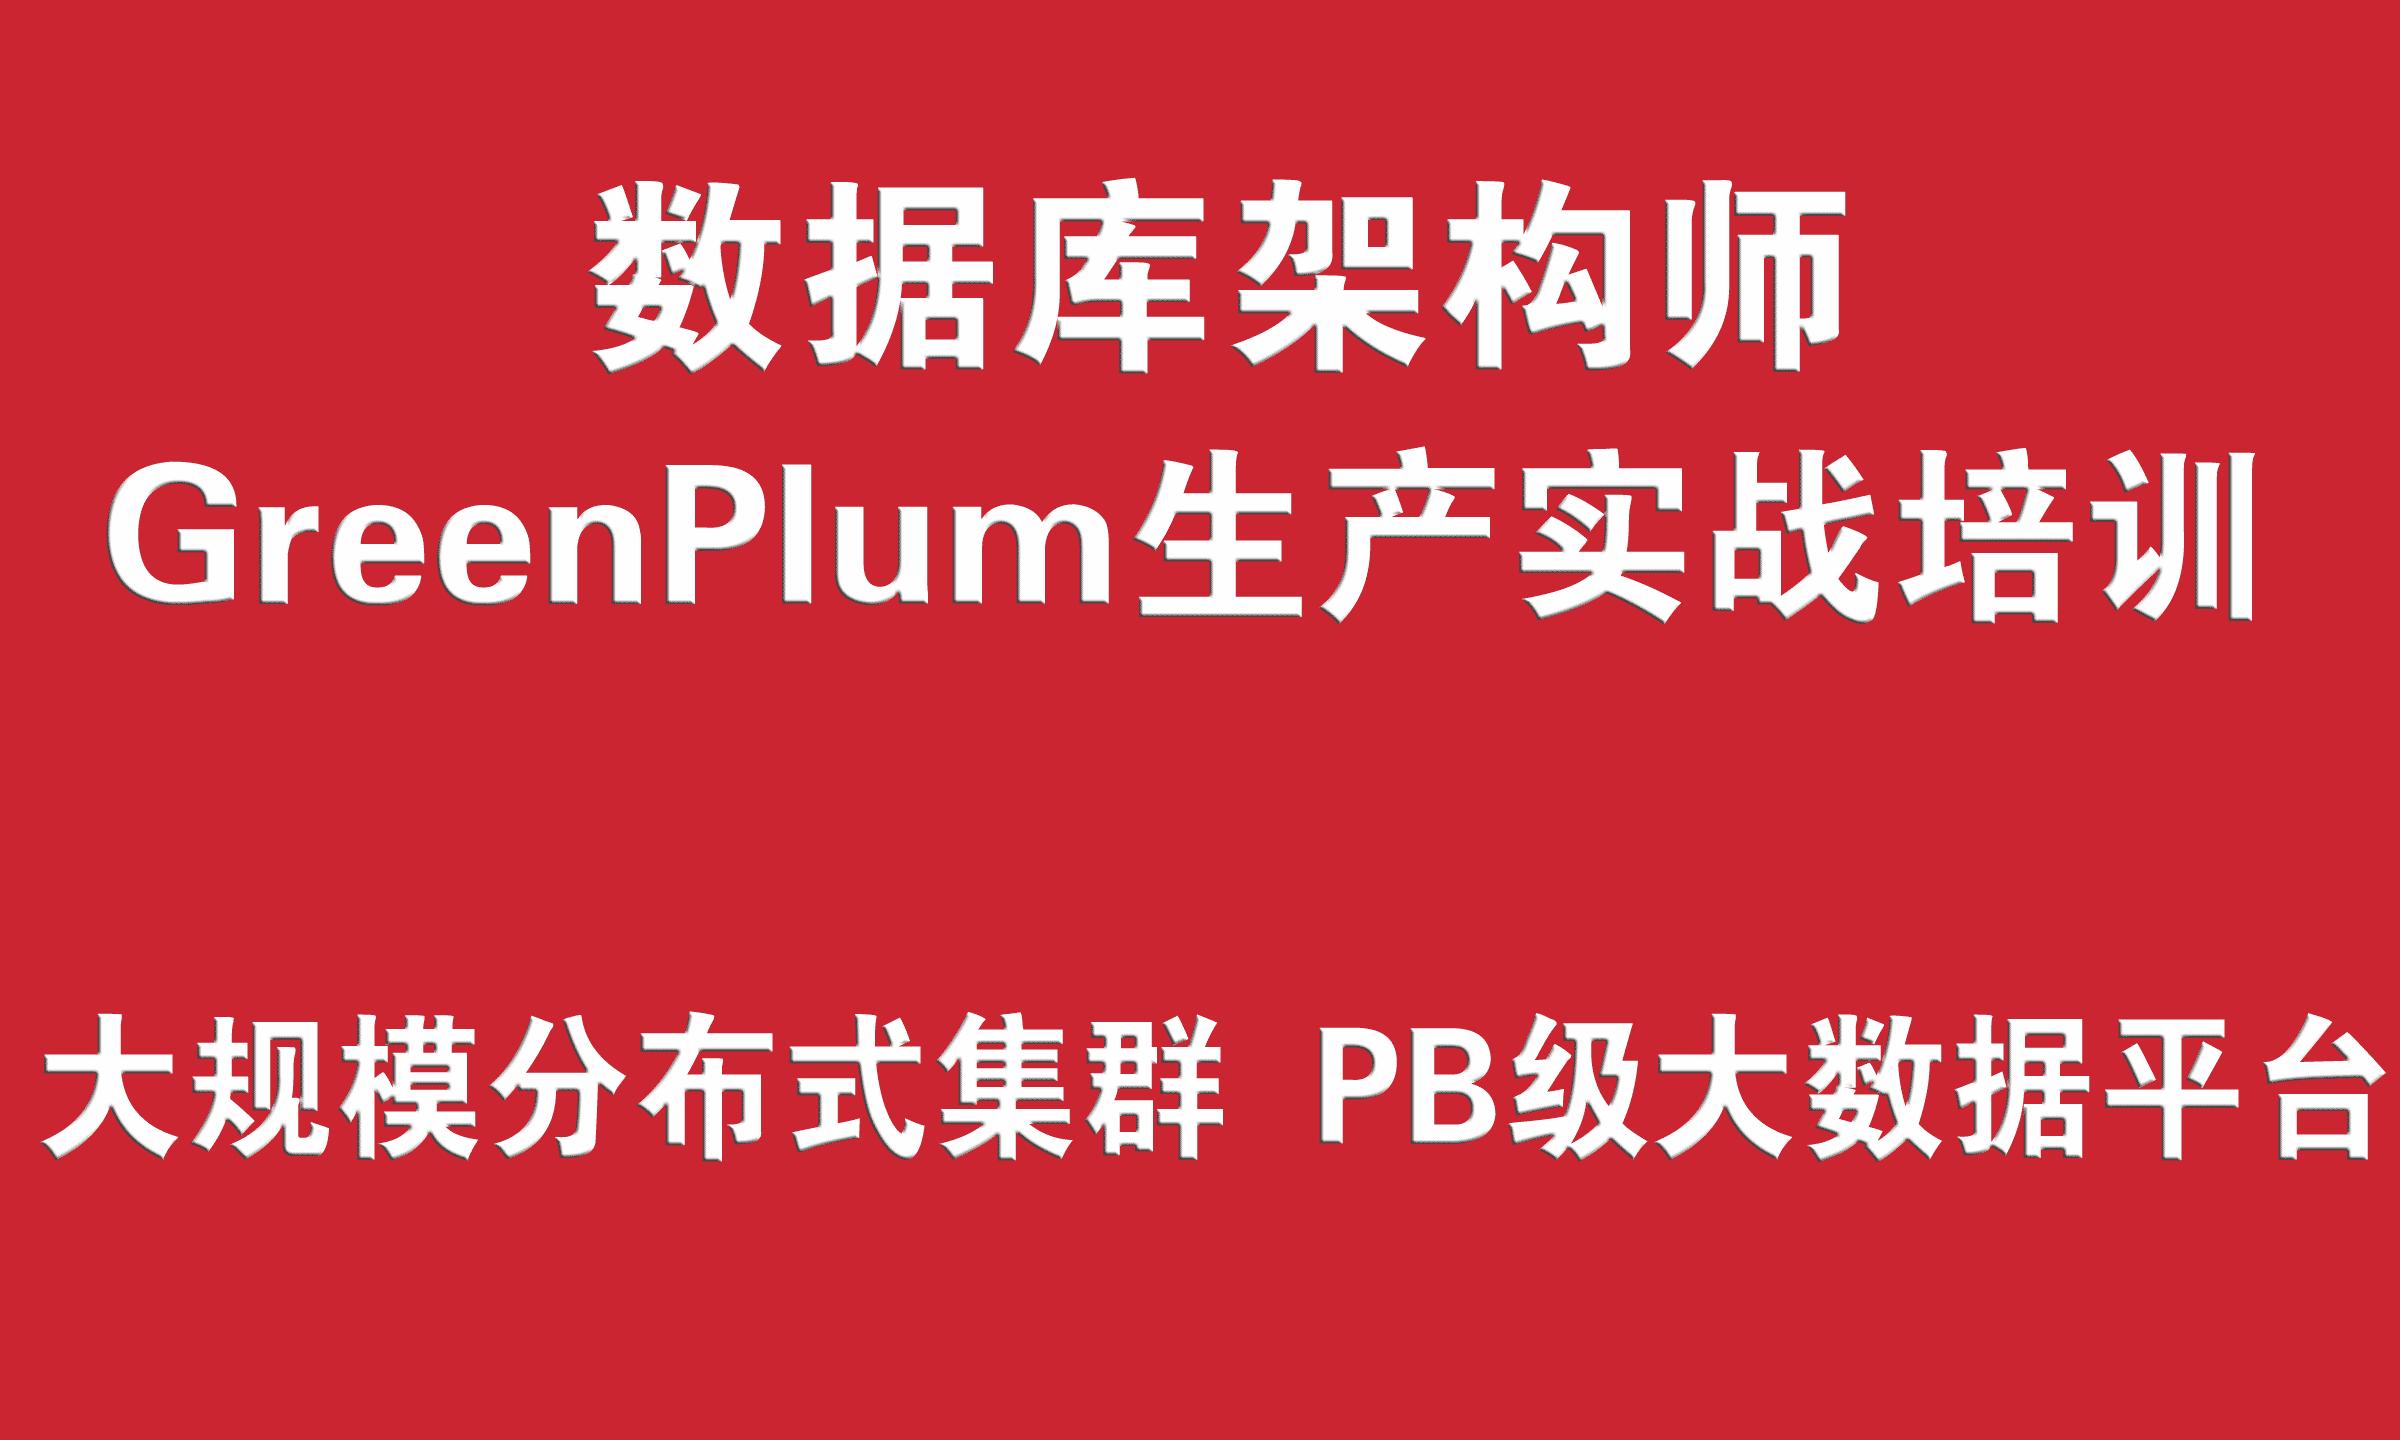 GreenPlum分布式集群数据库培训(PB级大数据平台、大规模分布式集群架构)